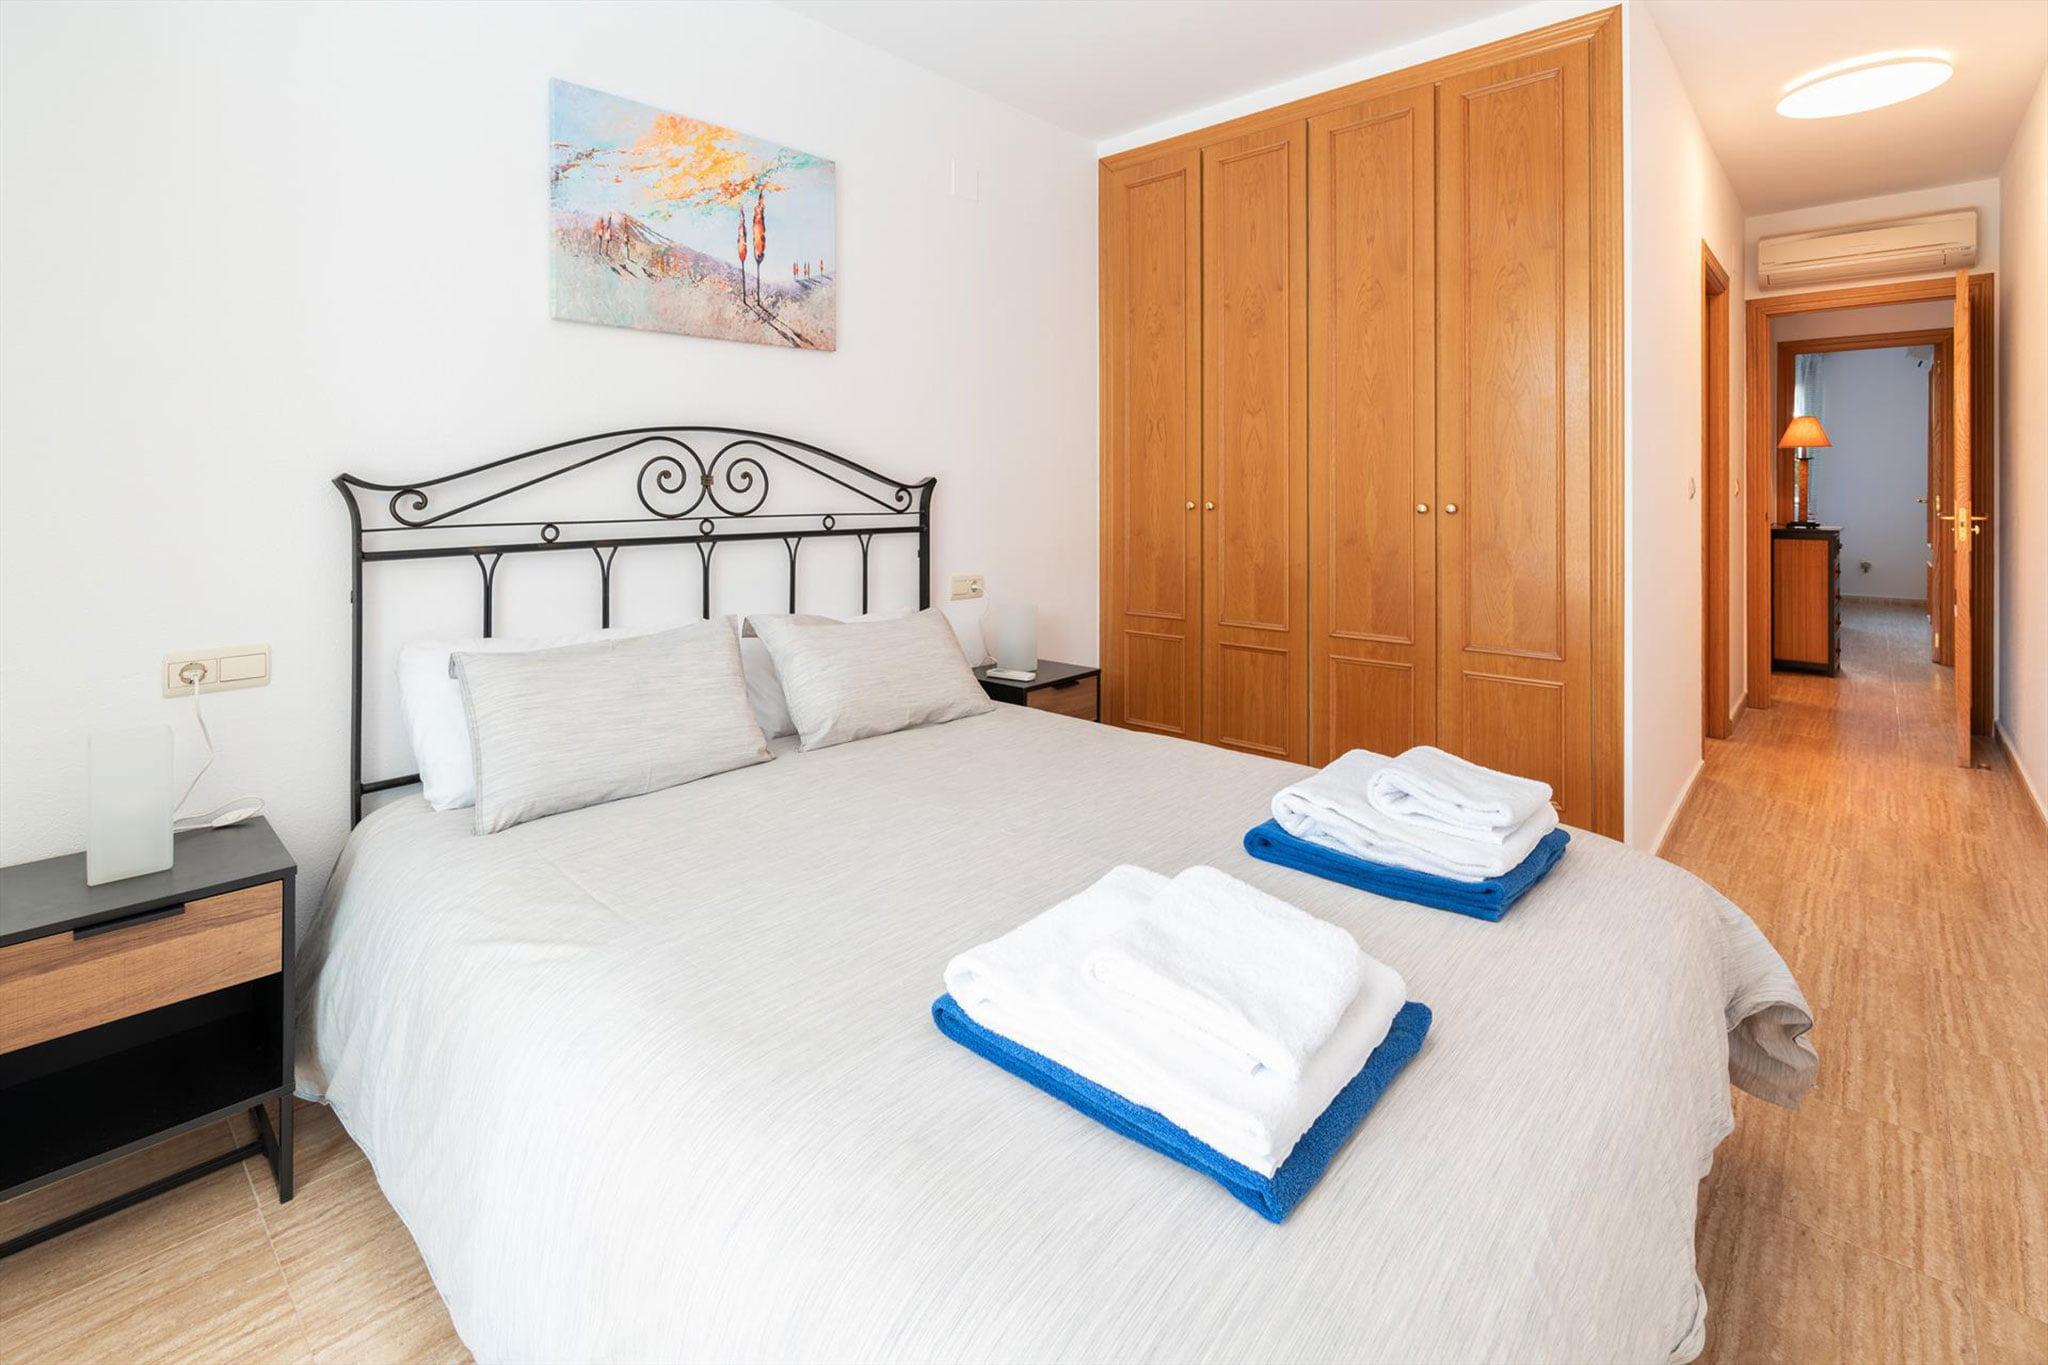 Dormitorio de un apartamento de alquiler en Jávea – Quality Rent a Villa